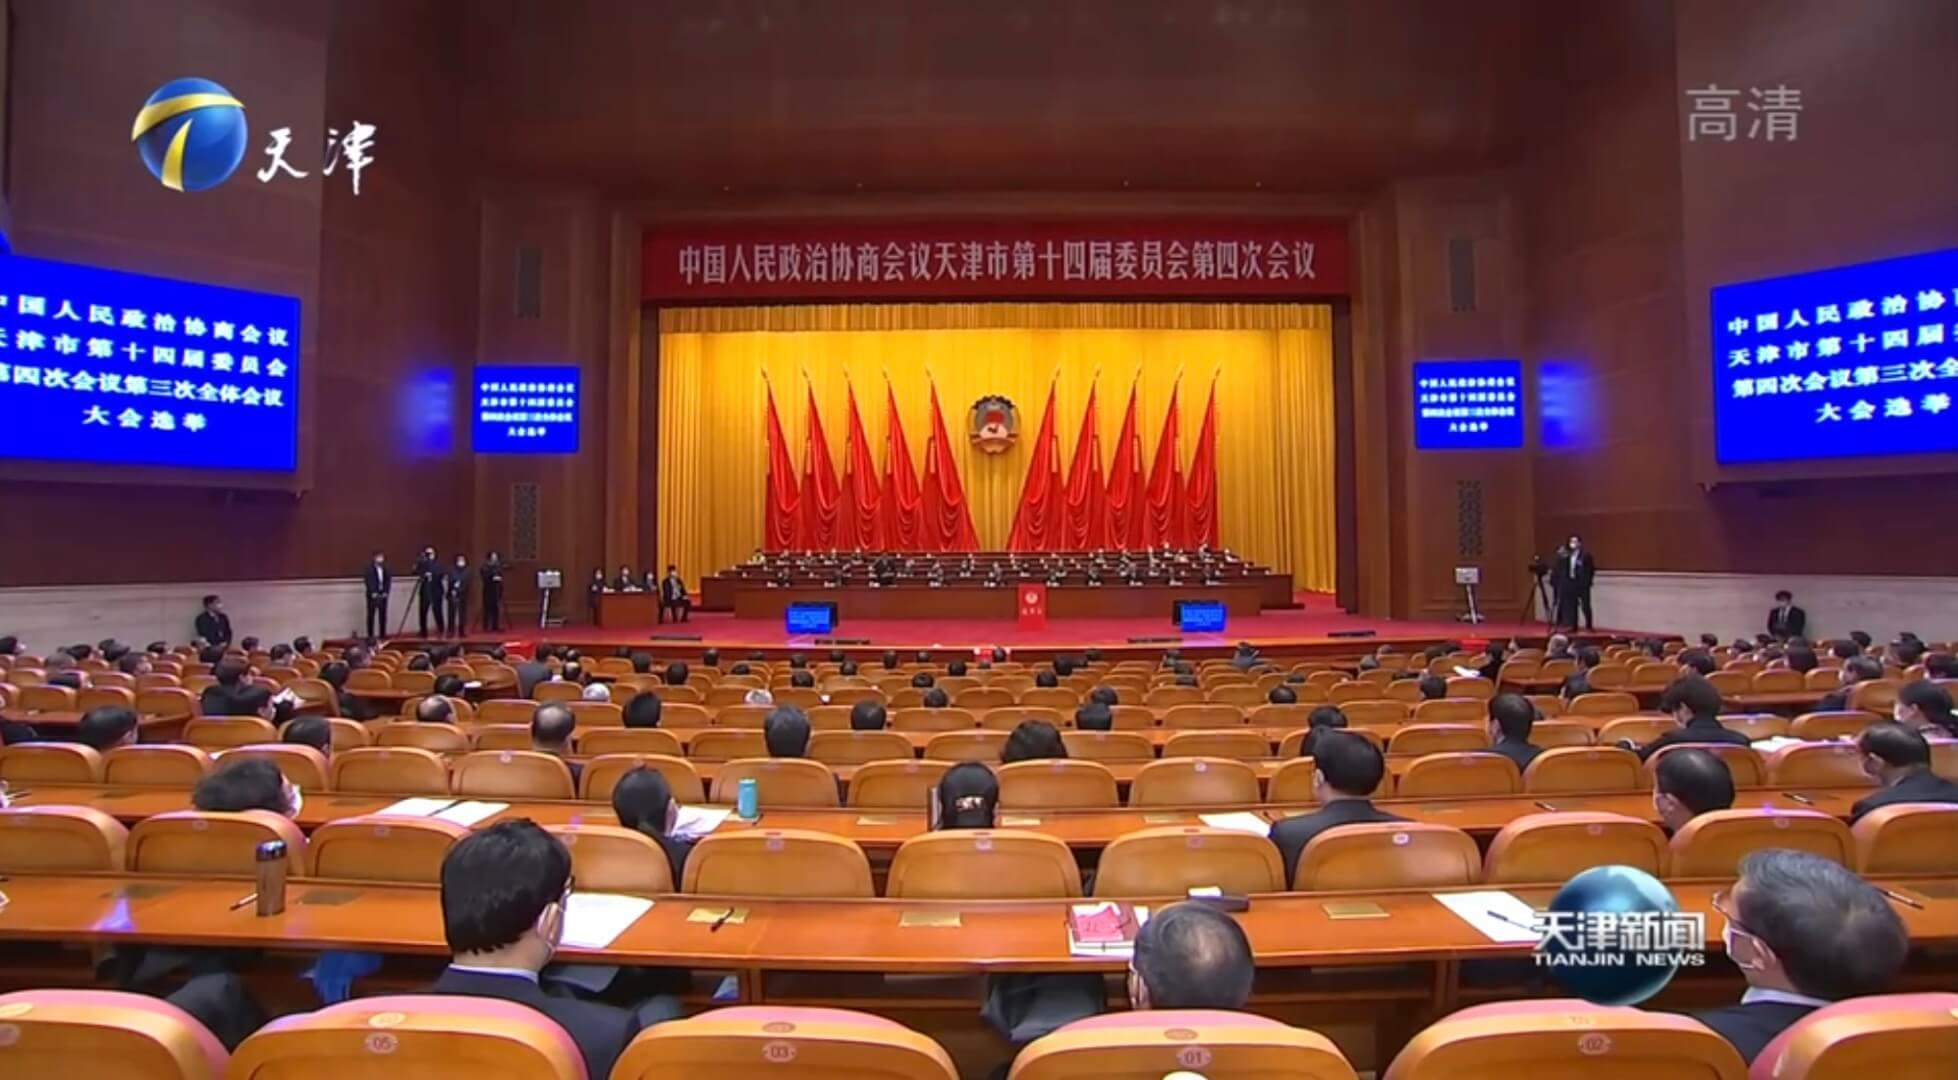 云账户董事长当选天津市政协常务委员 11